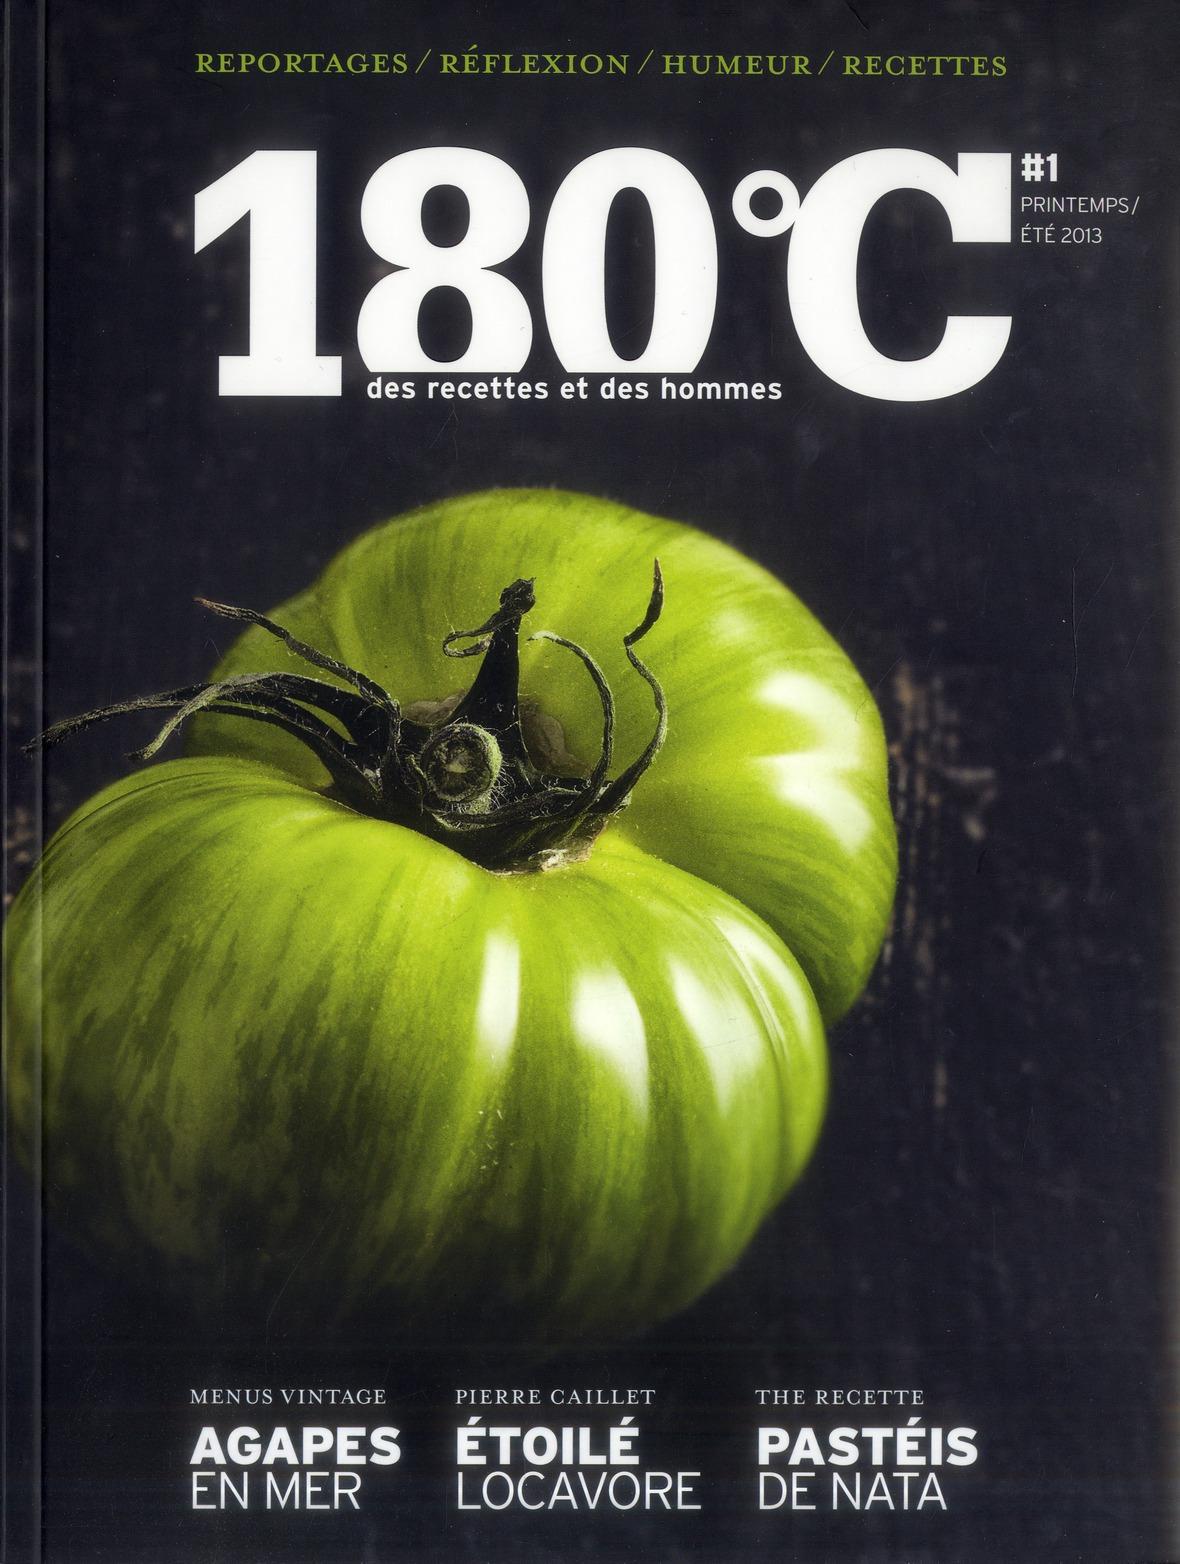 180 C DES RECETTES ET DES HOMM COLLECTIF THERMOSTAT 6